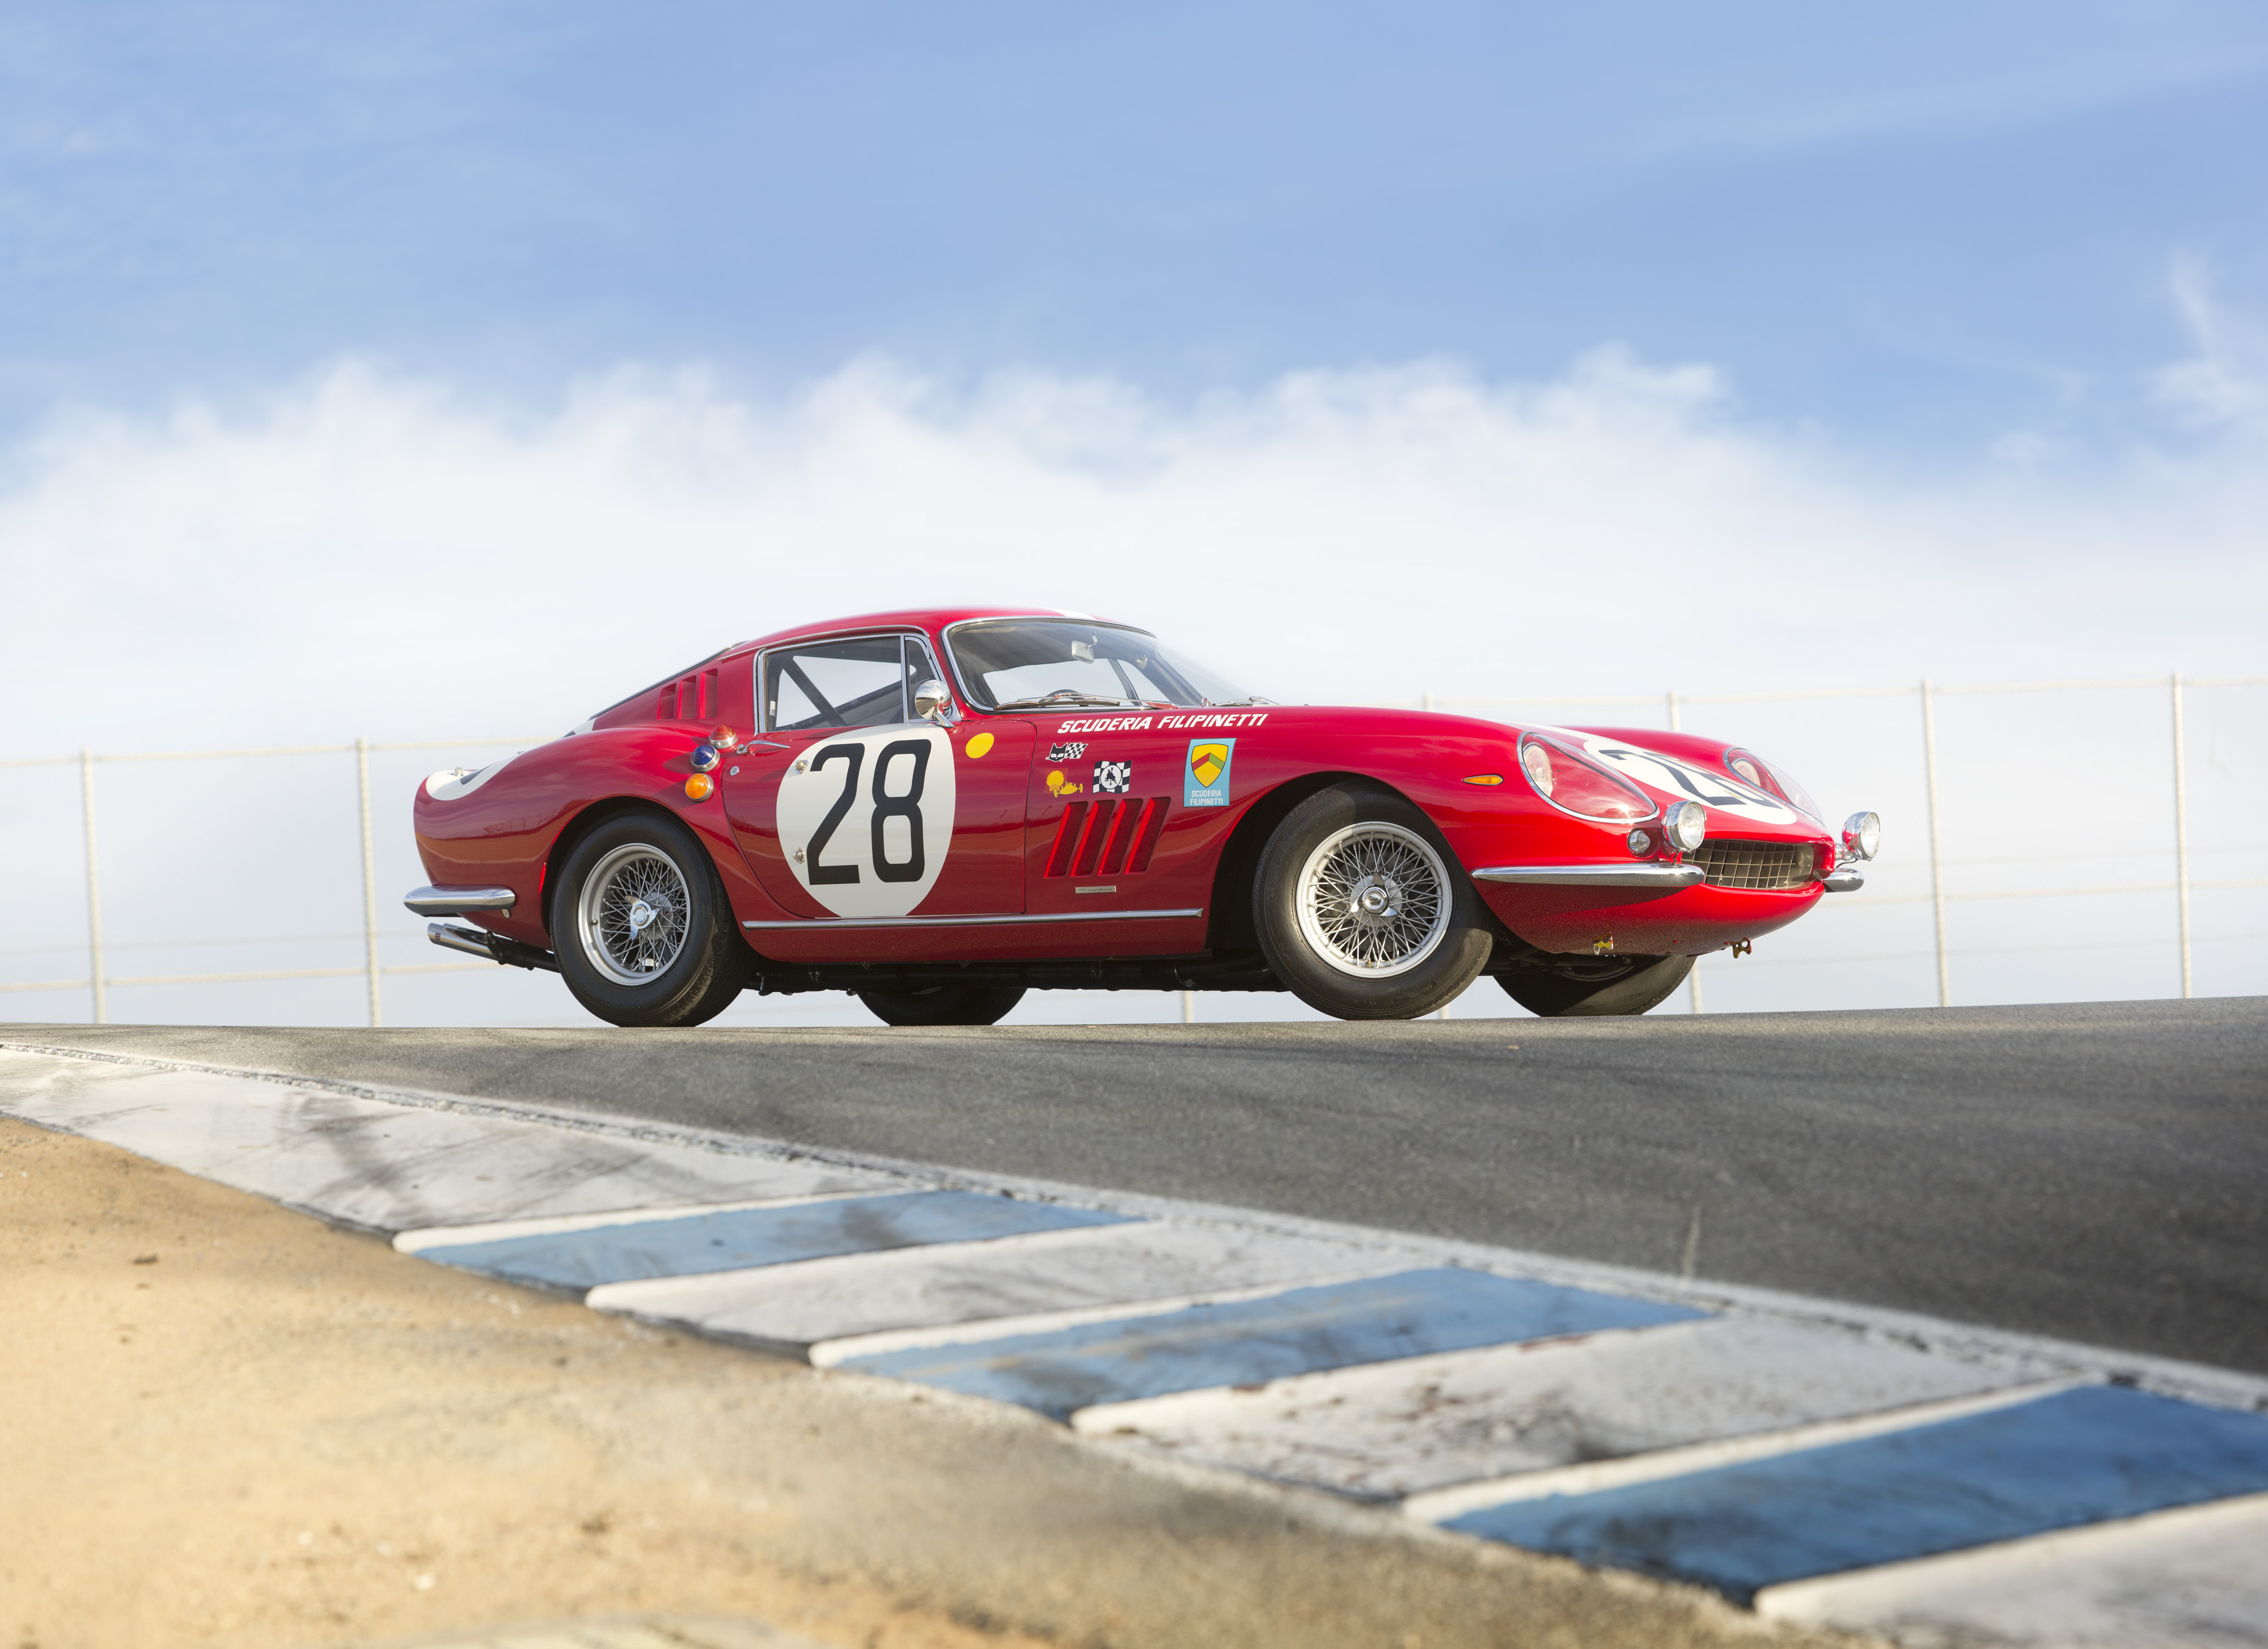 All'asta la vincitrice di Le Mans 1967